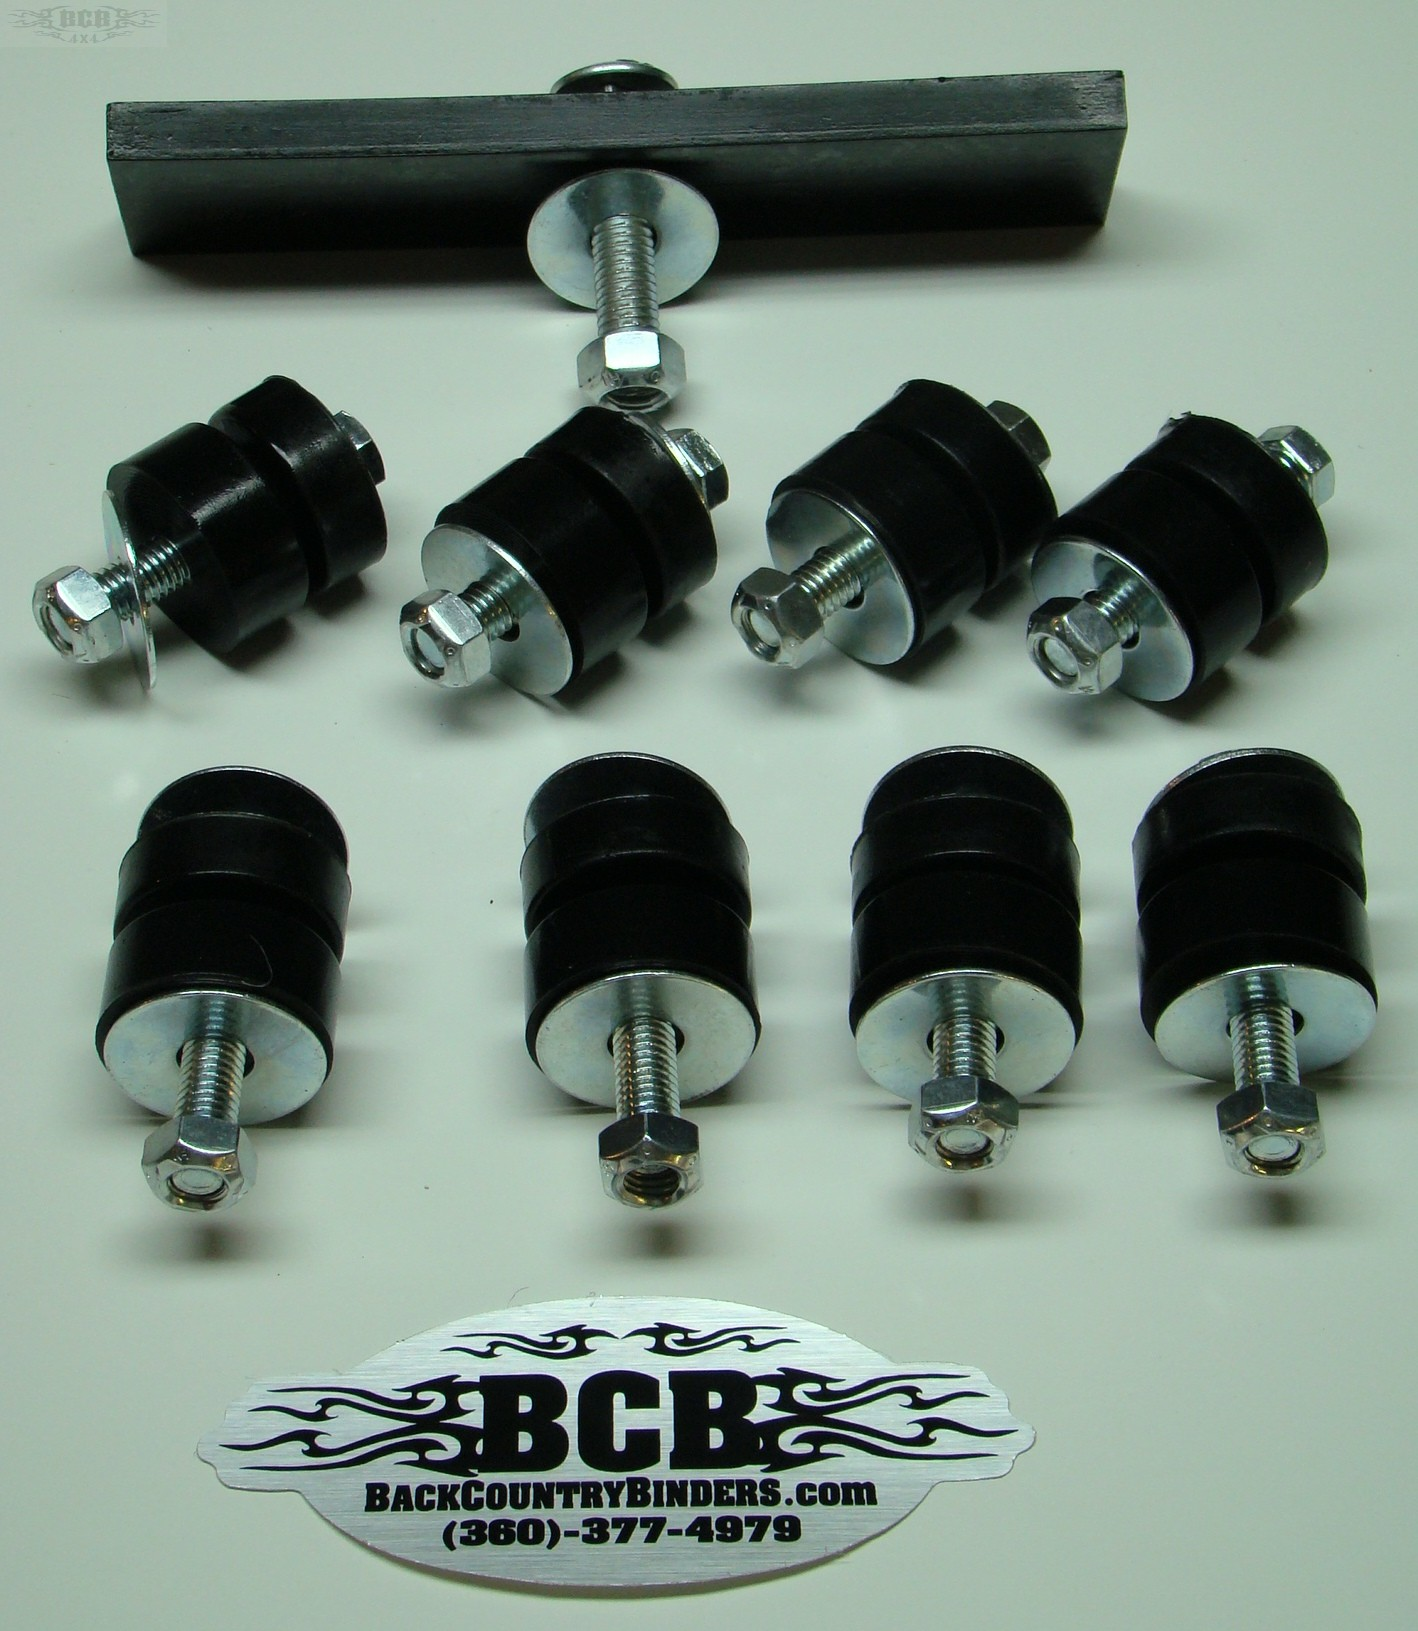 hight resolution of bcb scout 80 800 polyurethane body bushing kit